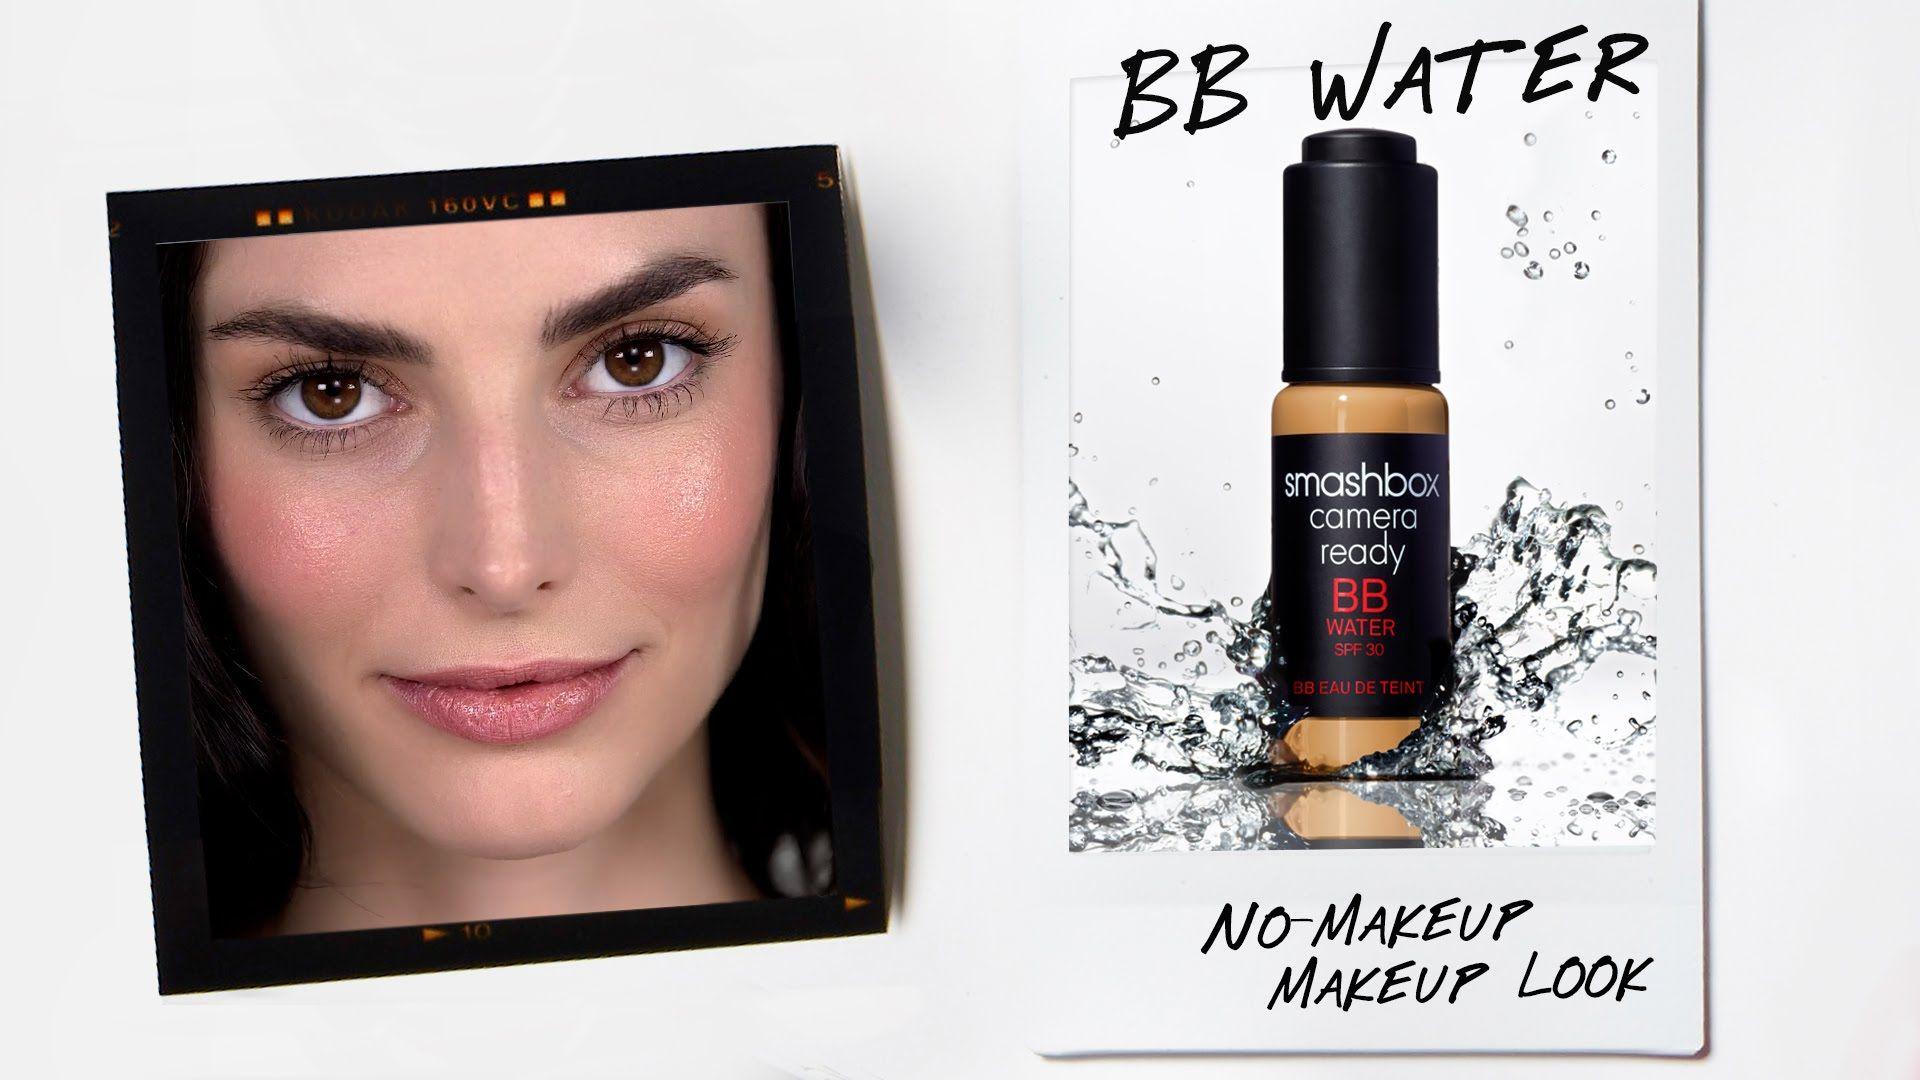 NO-MAKEUP MAKEUP LOOK: BB WATER